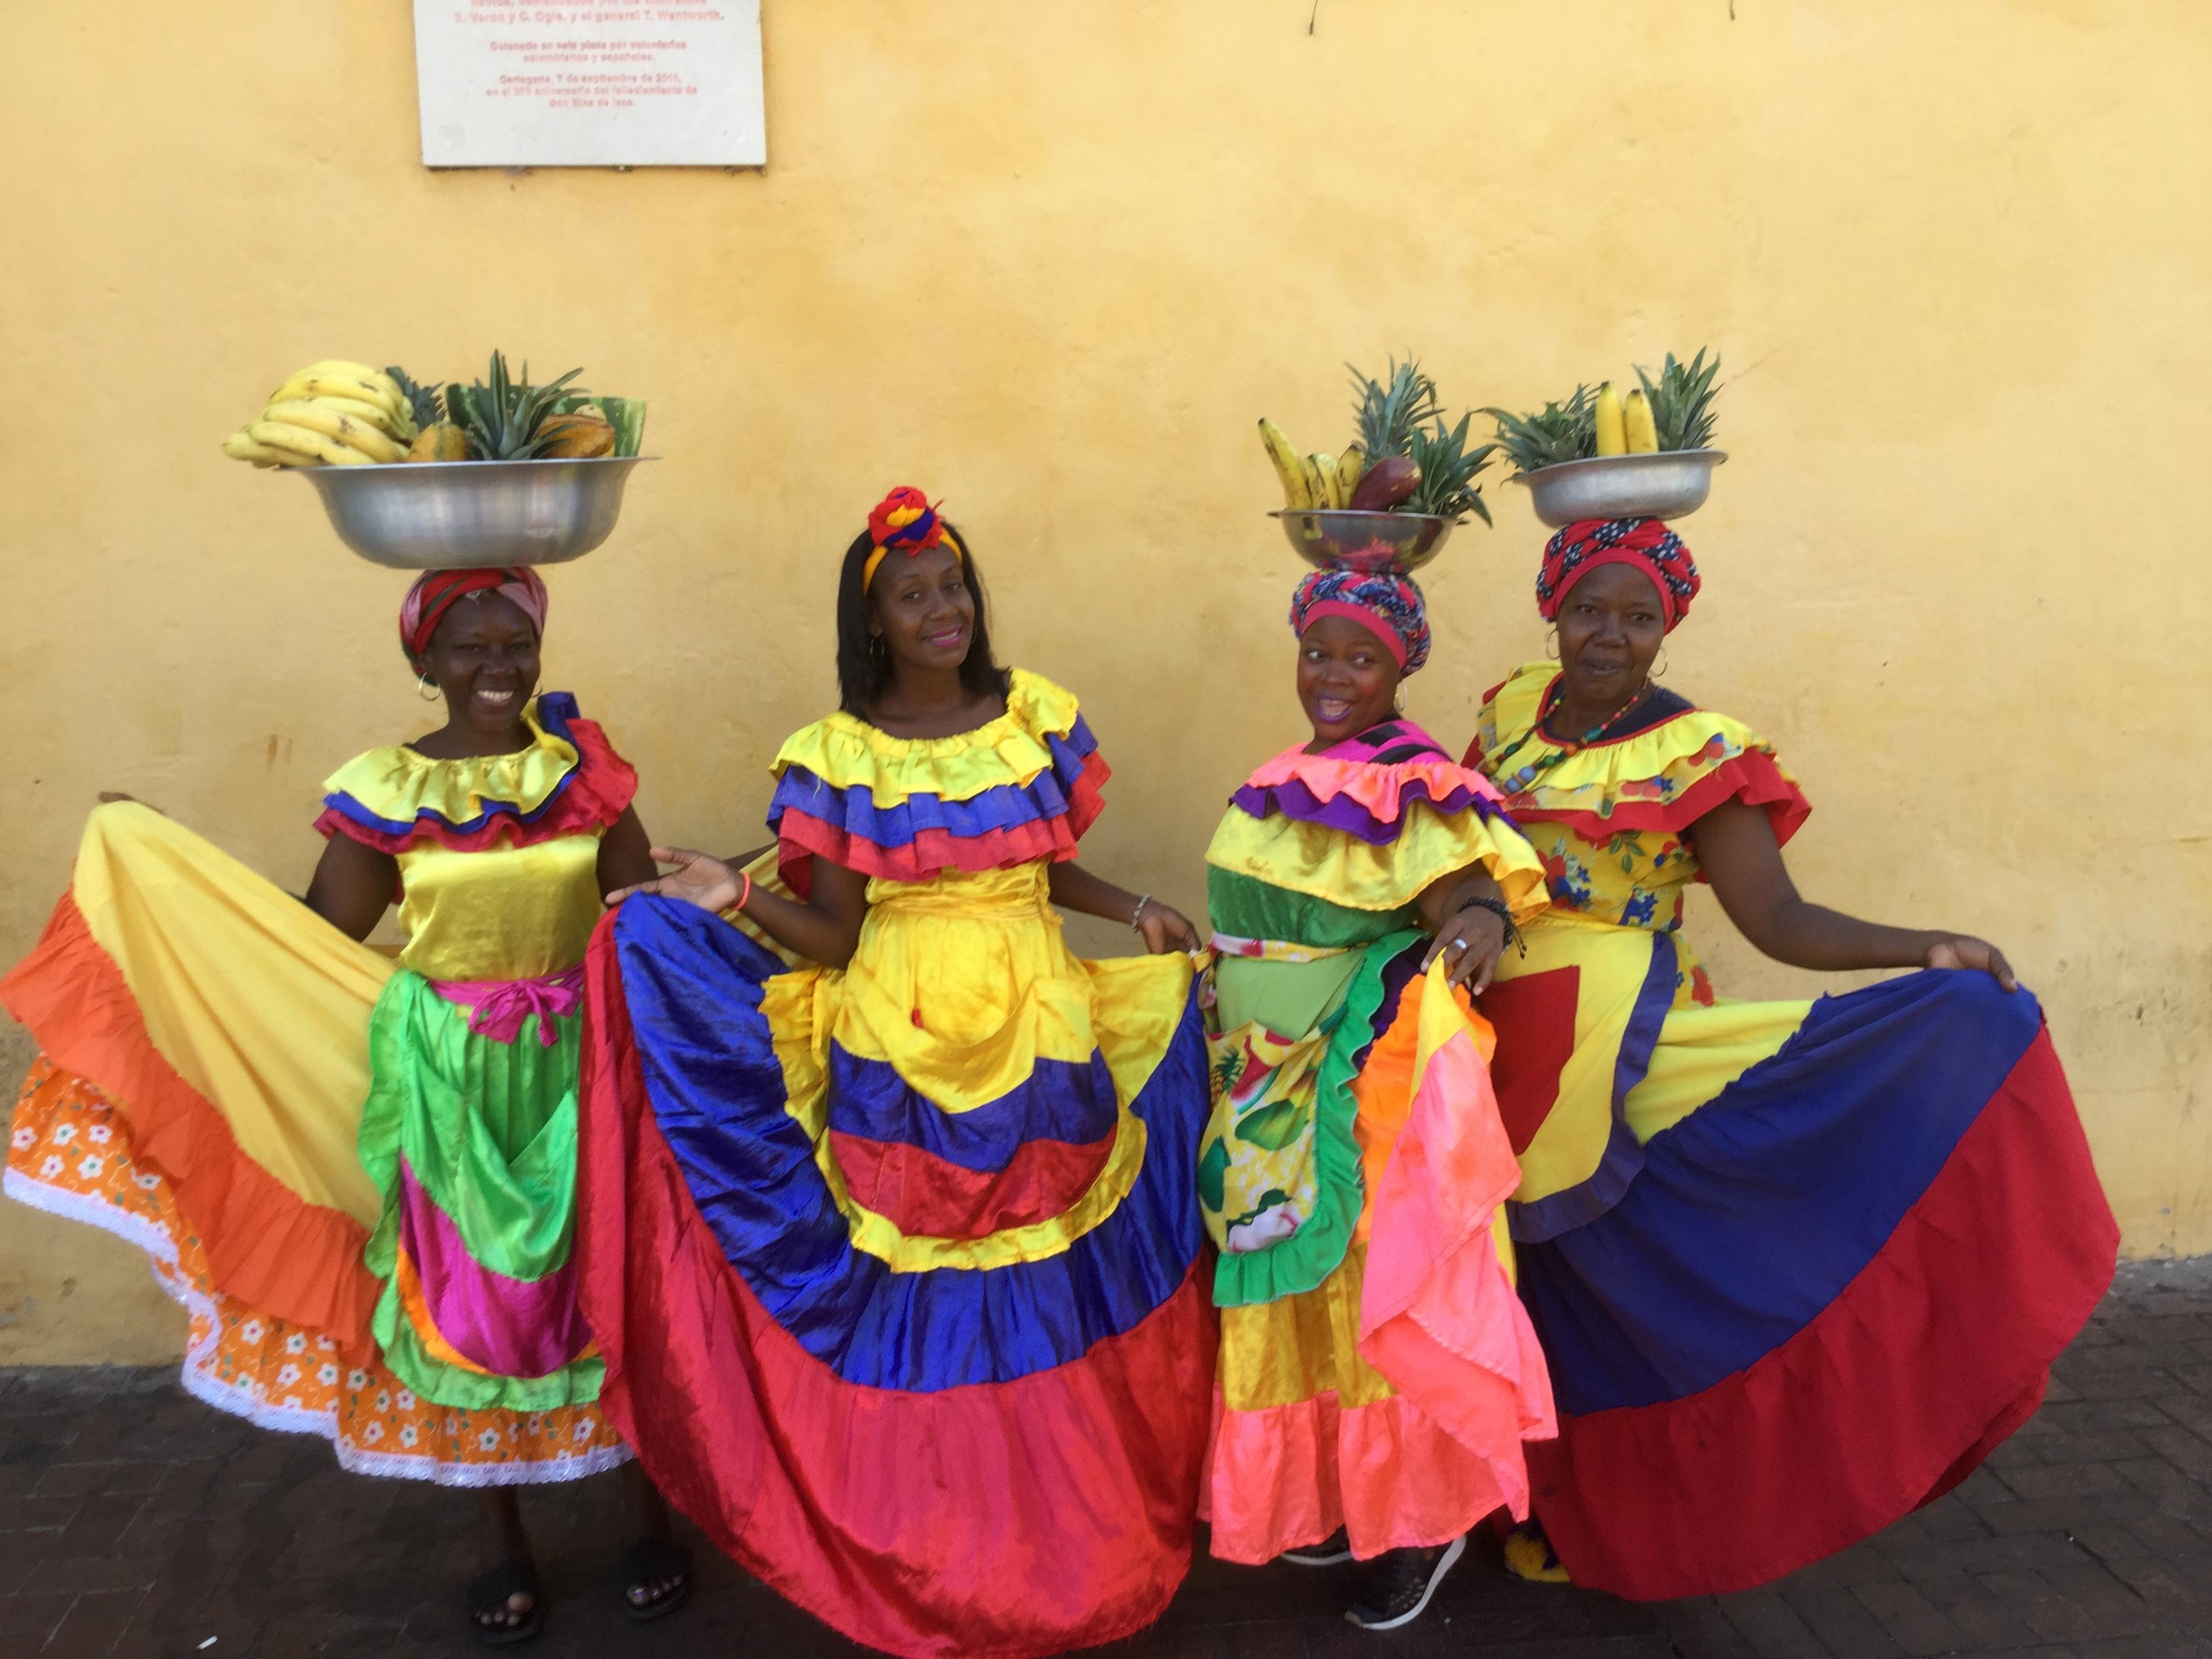 Französisch Guadeloupe